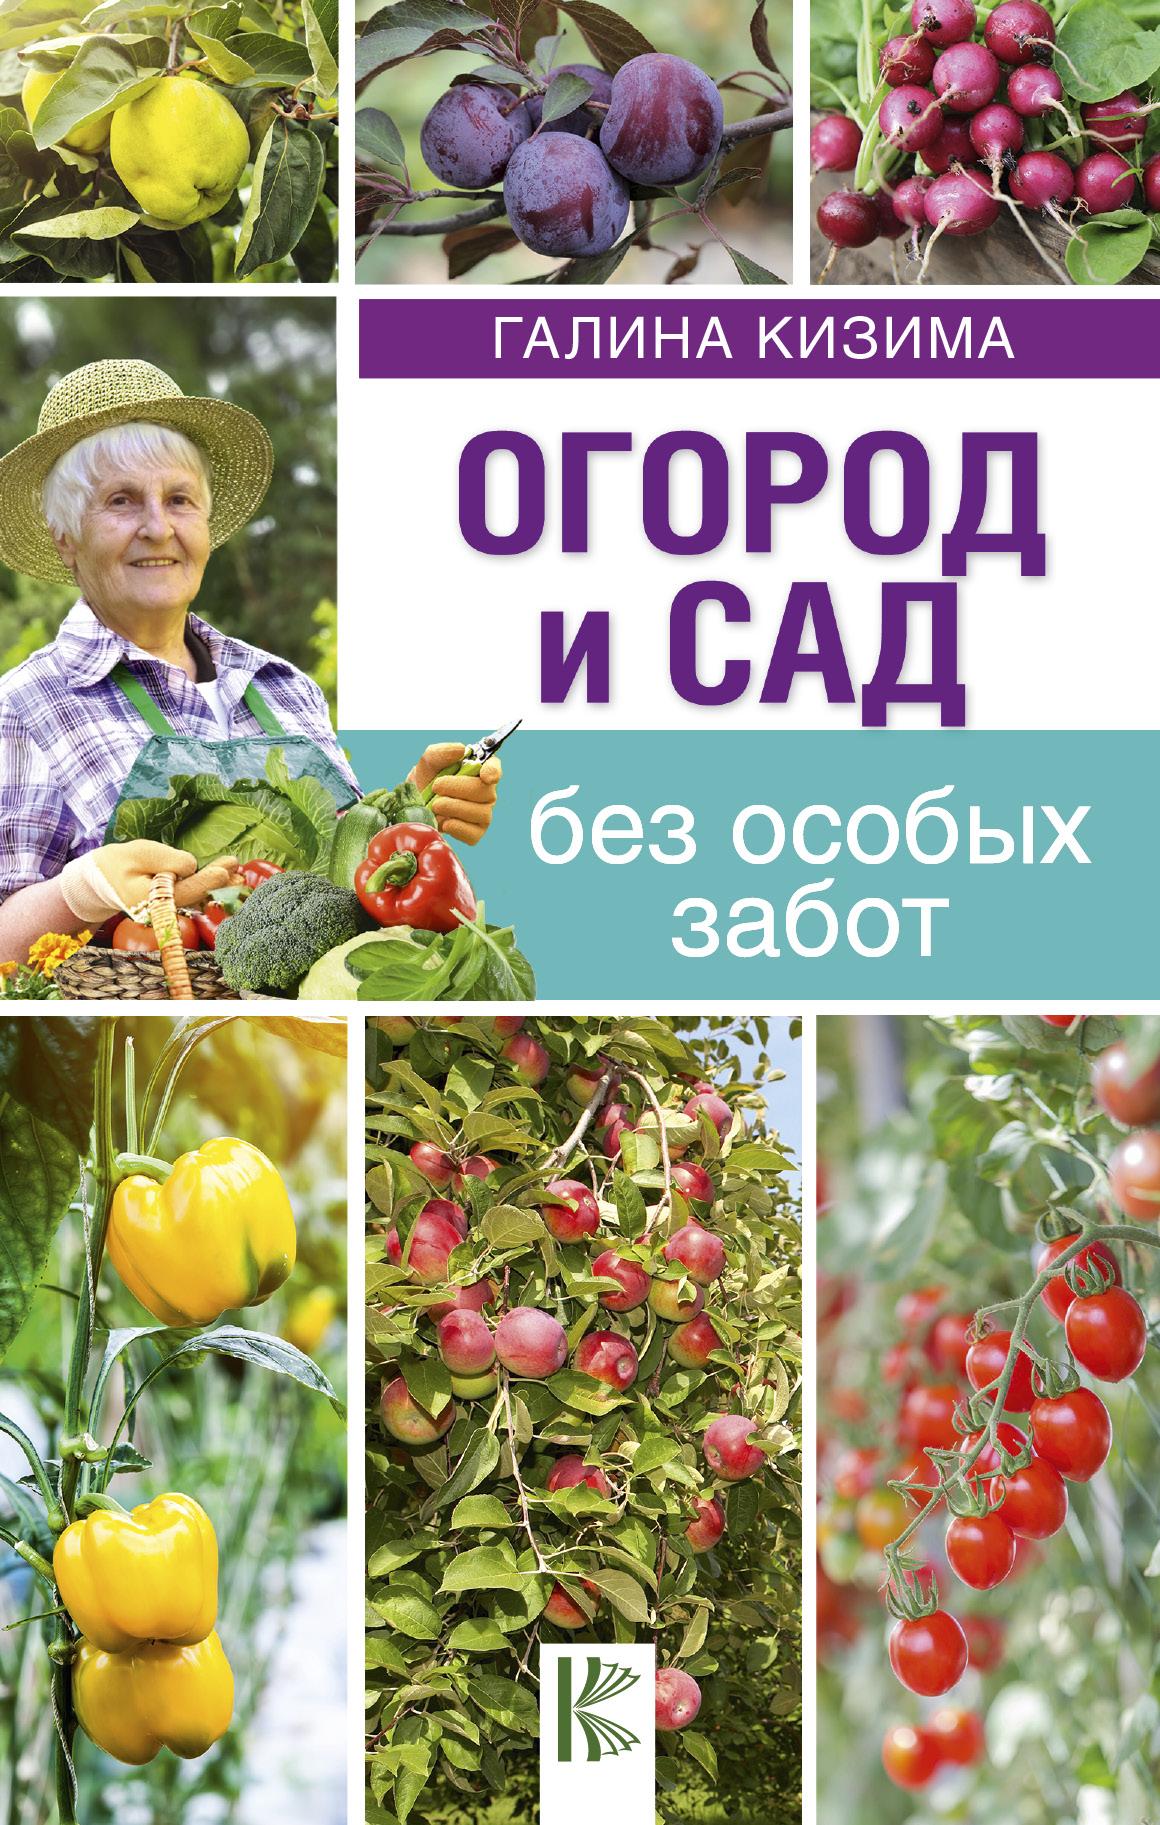 Огород и сад без особых забот